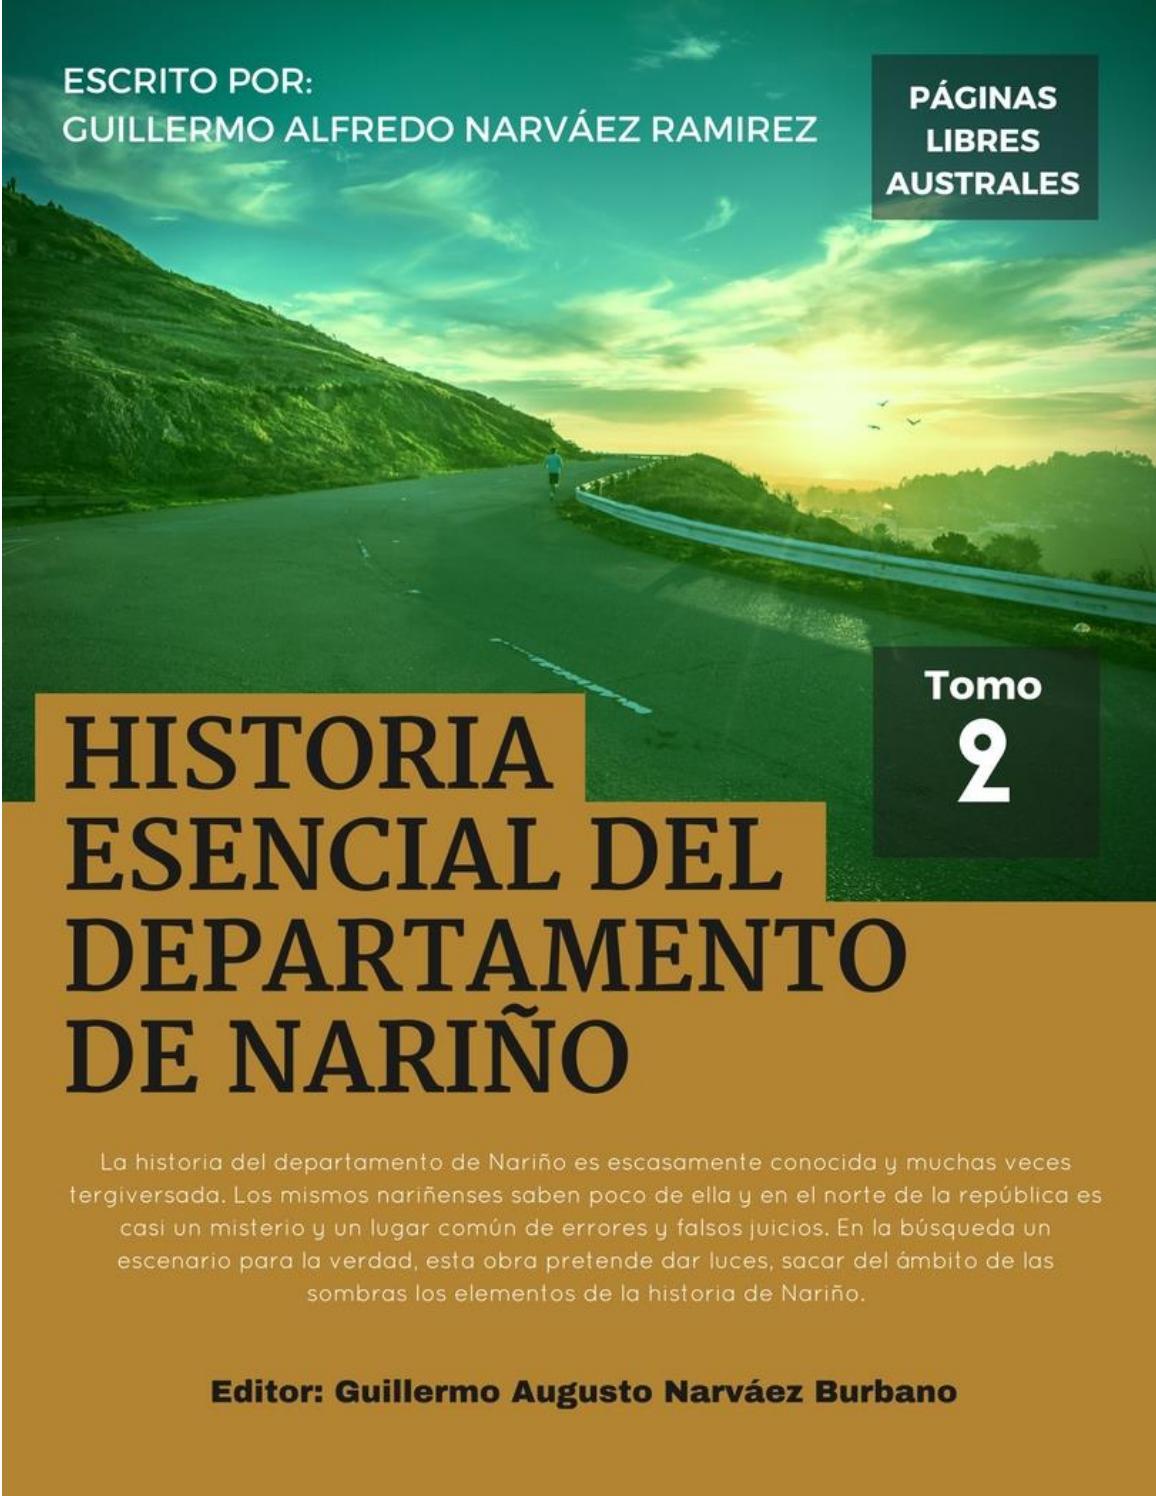 Historia Esencial del Departamento de Nariño Tomo 2  by